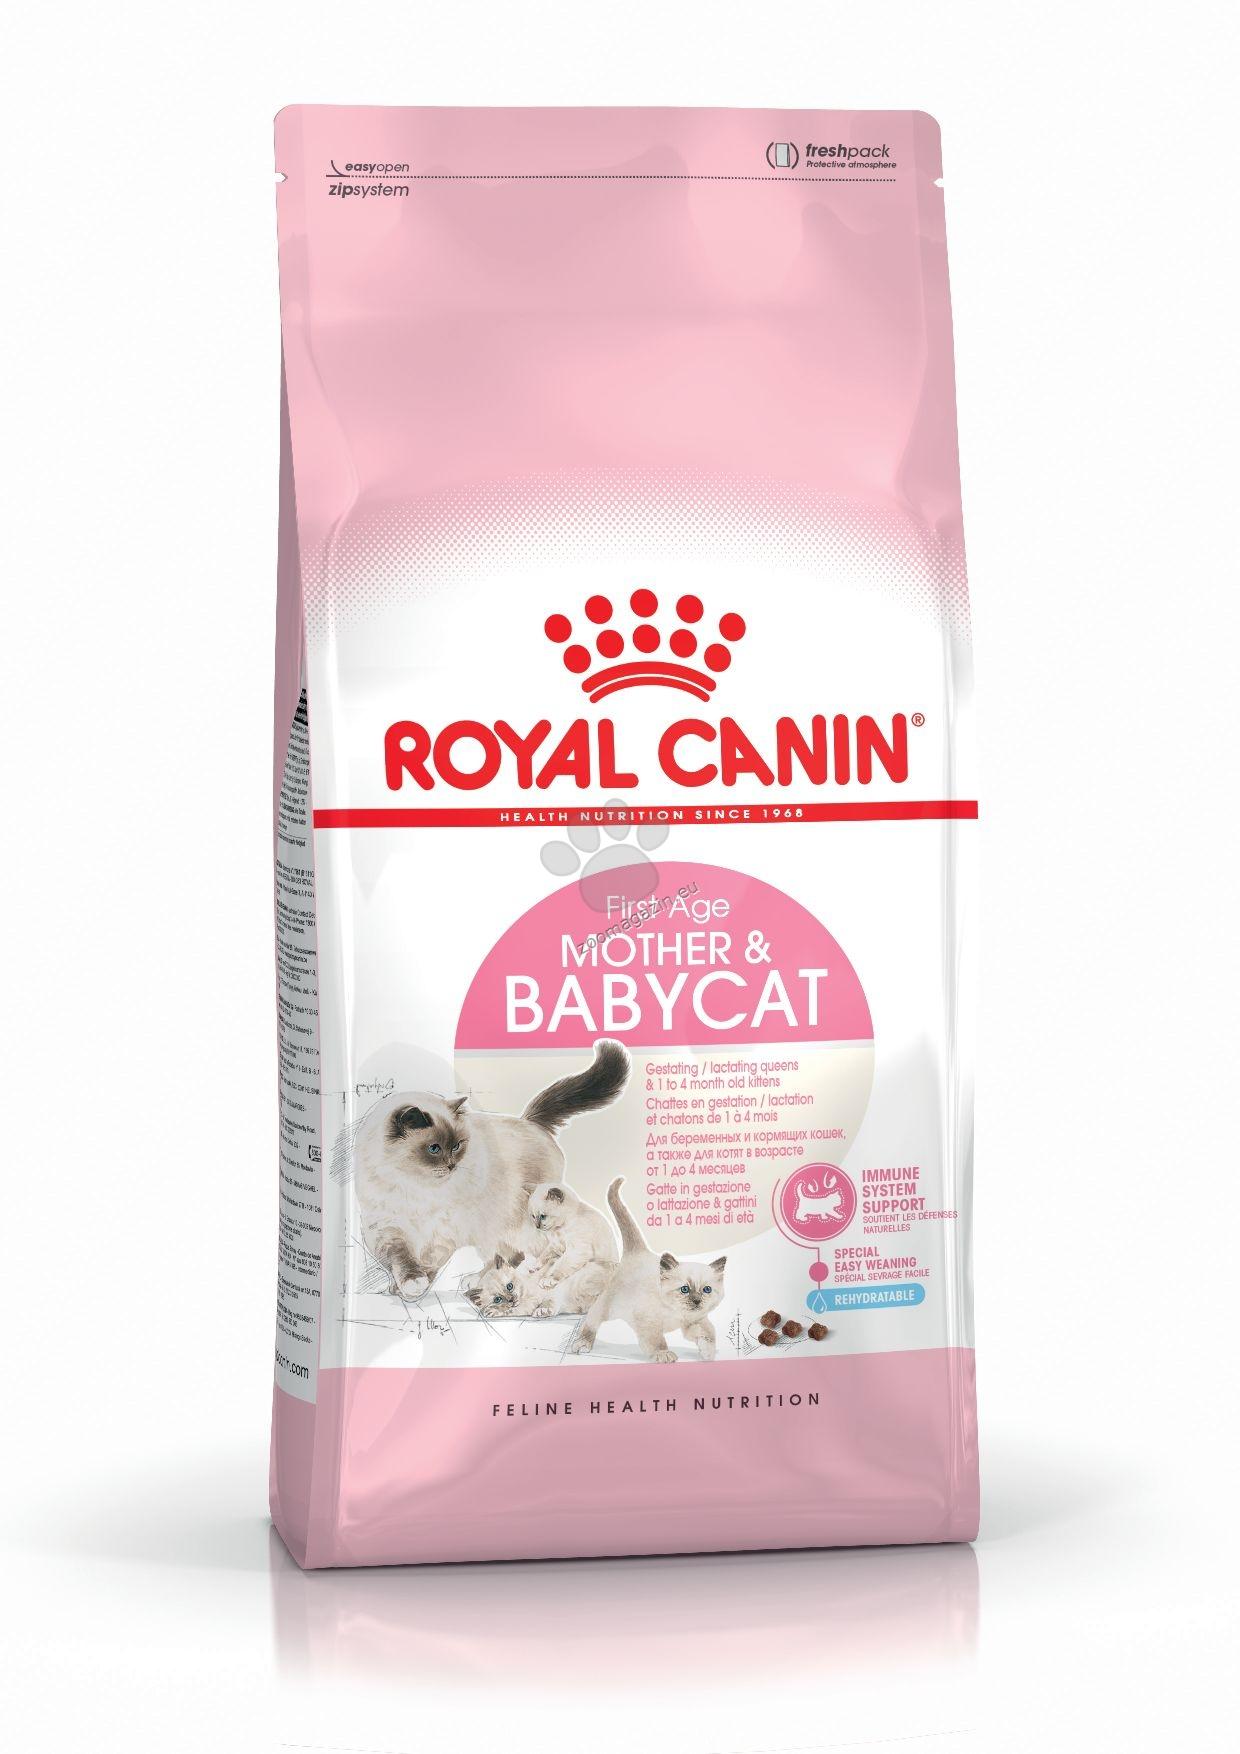 Royal Canin Mother & Babycat - пълноценна храна за новородени котенца от 1 до 4 месечна възраст  400 гр.